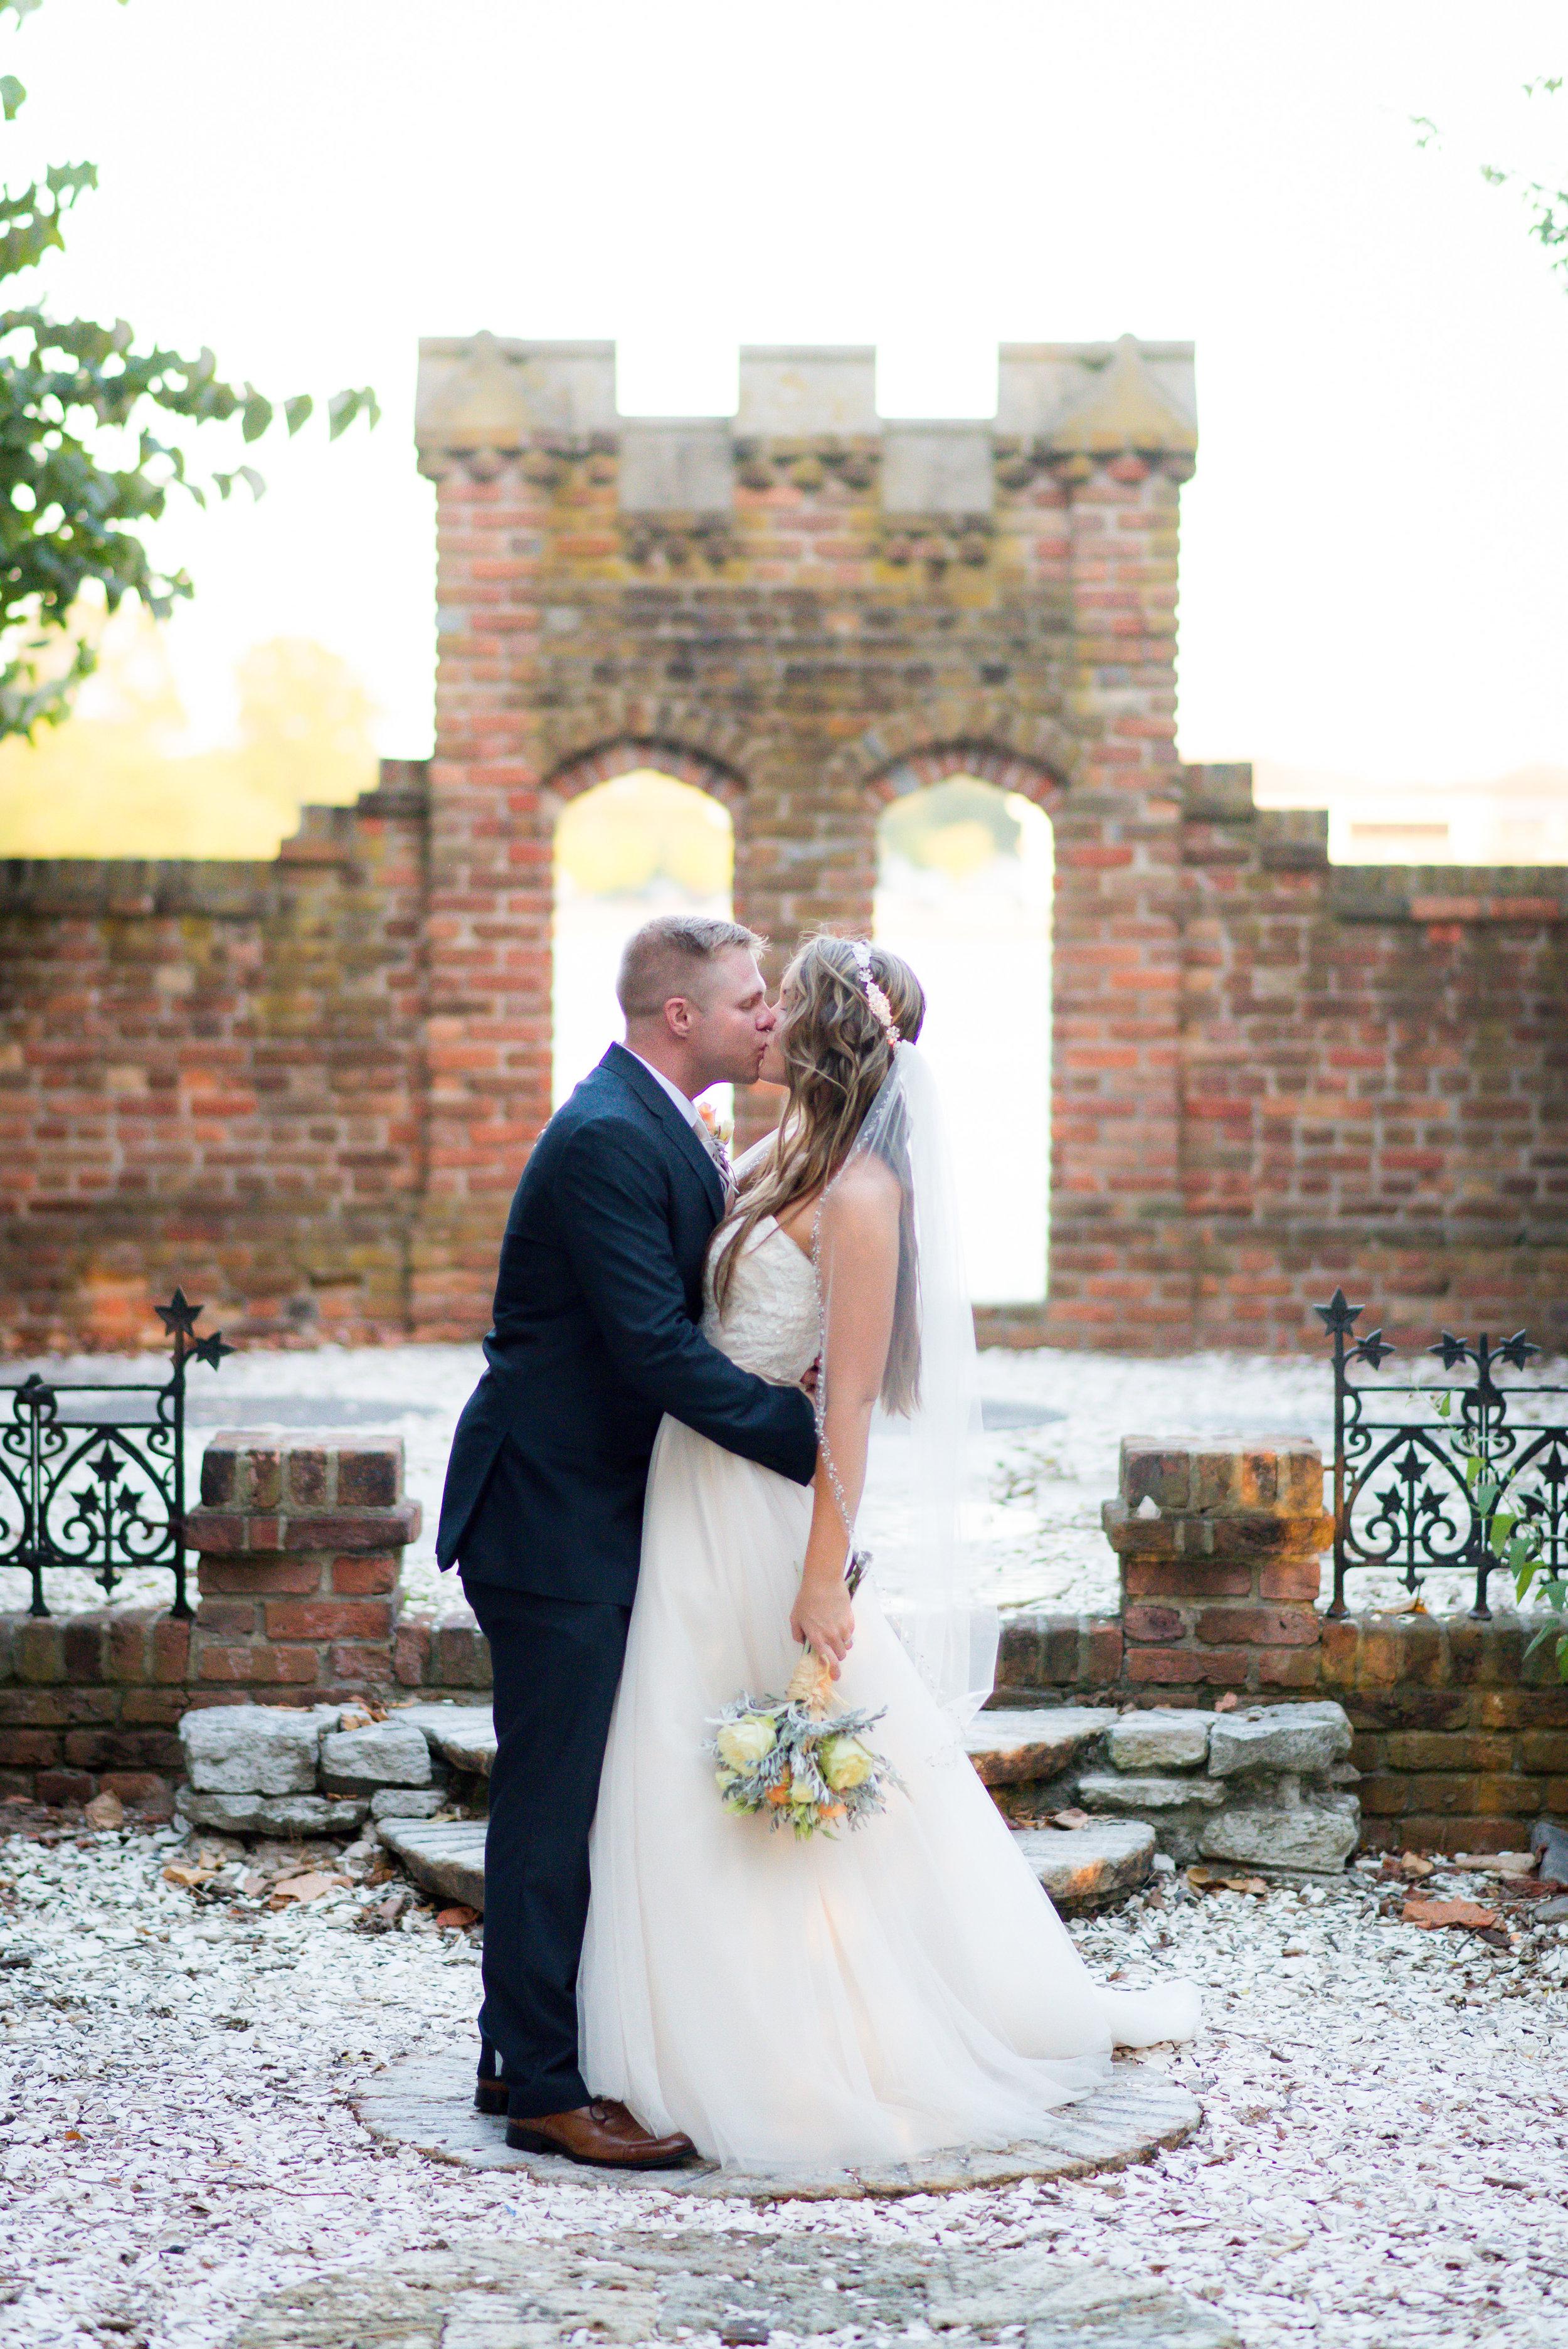 Rachael + William_Married455.JPG